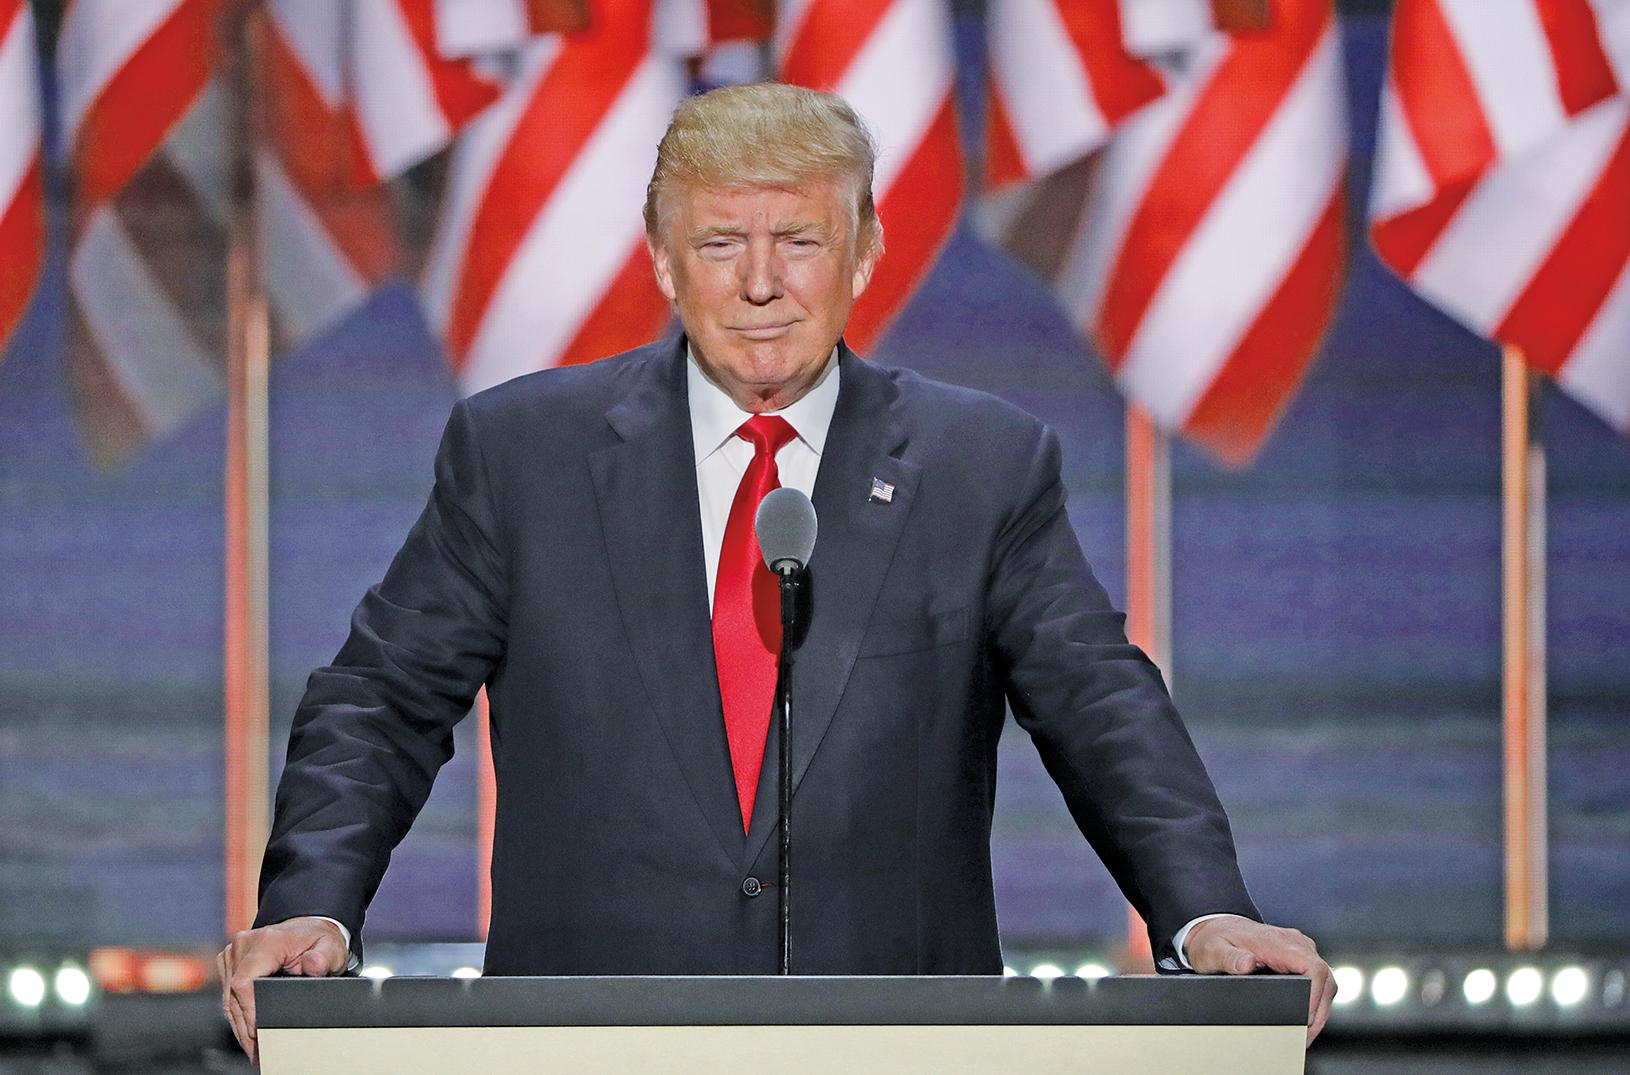 美中貿易將展開關鍵的第三輪談判。談判前夕,美國國務院罕見提前發佈《2017年度國際宗教自由報告》,美國總統特朗普會否藉此推促北京進一步改善信仰自由與人權?(Getty Images)